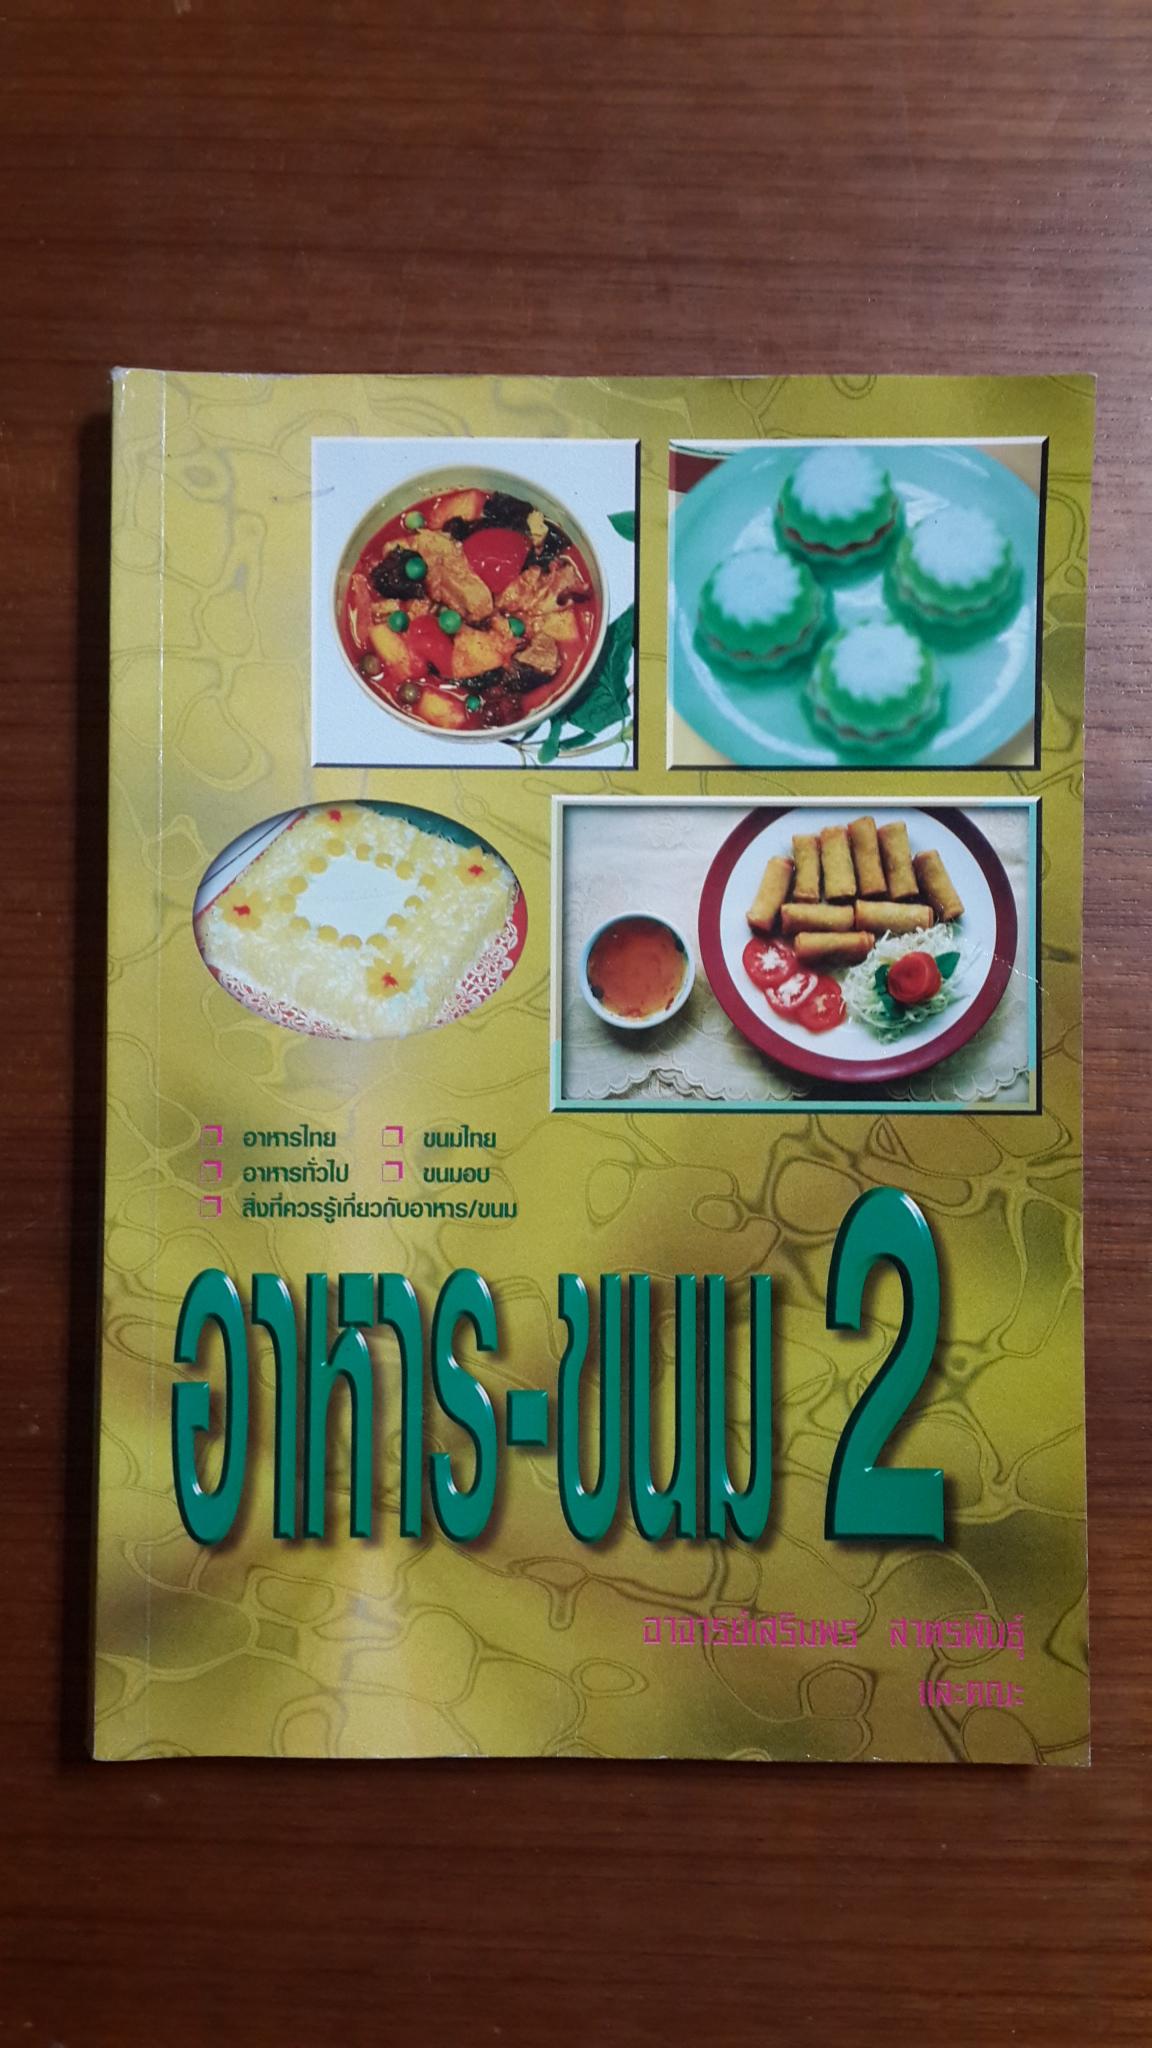 อาหาร-ขนม 2 / อาจารย์เสริมพร สาตรพันธุ์ และคณะ